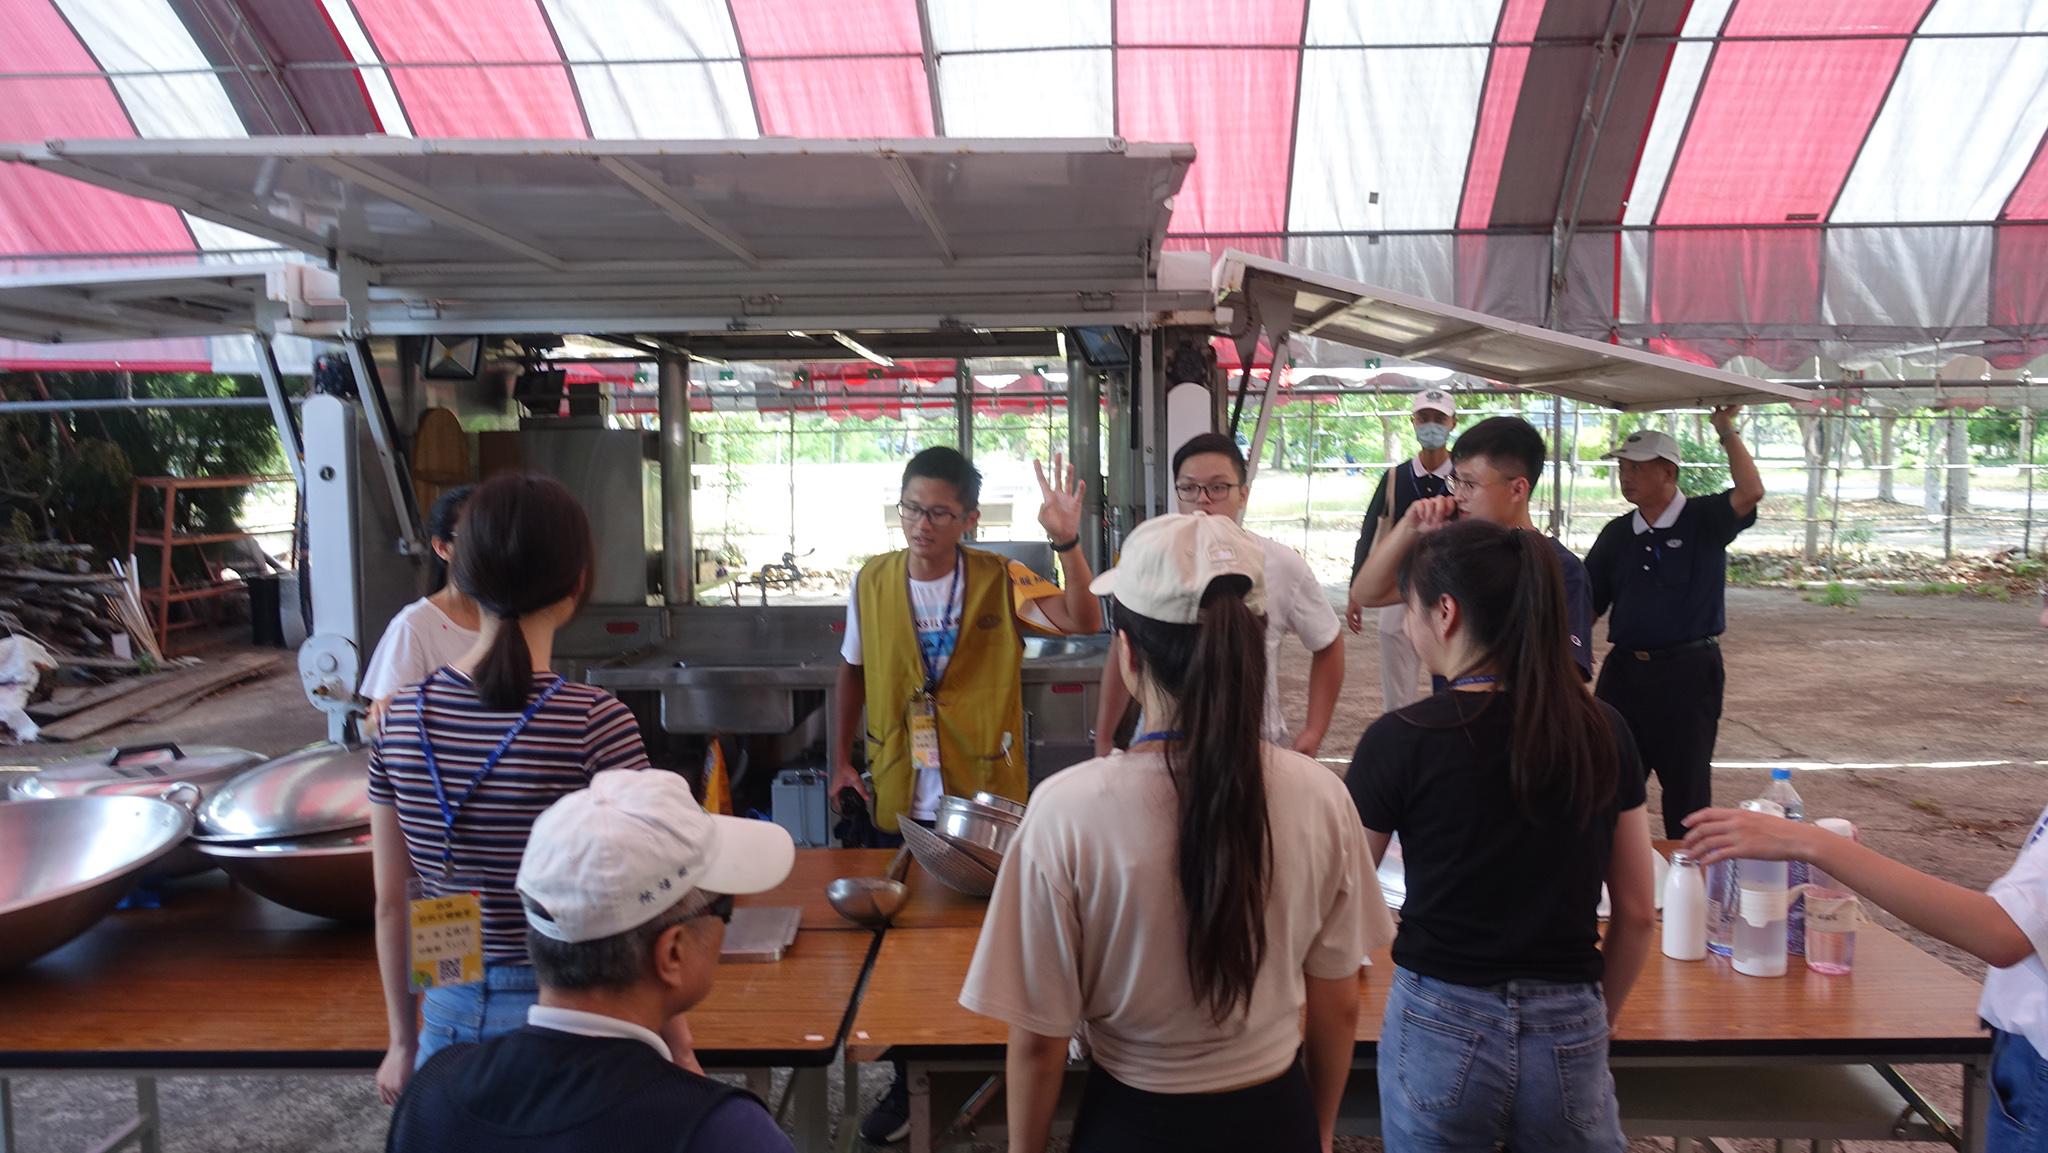 35歲的陳柏宏是餐廳大廚(著背心),帶領一群很少下廚的學員完成任務。